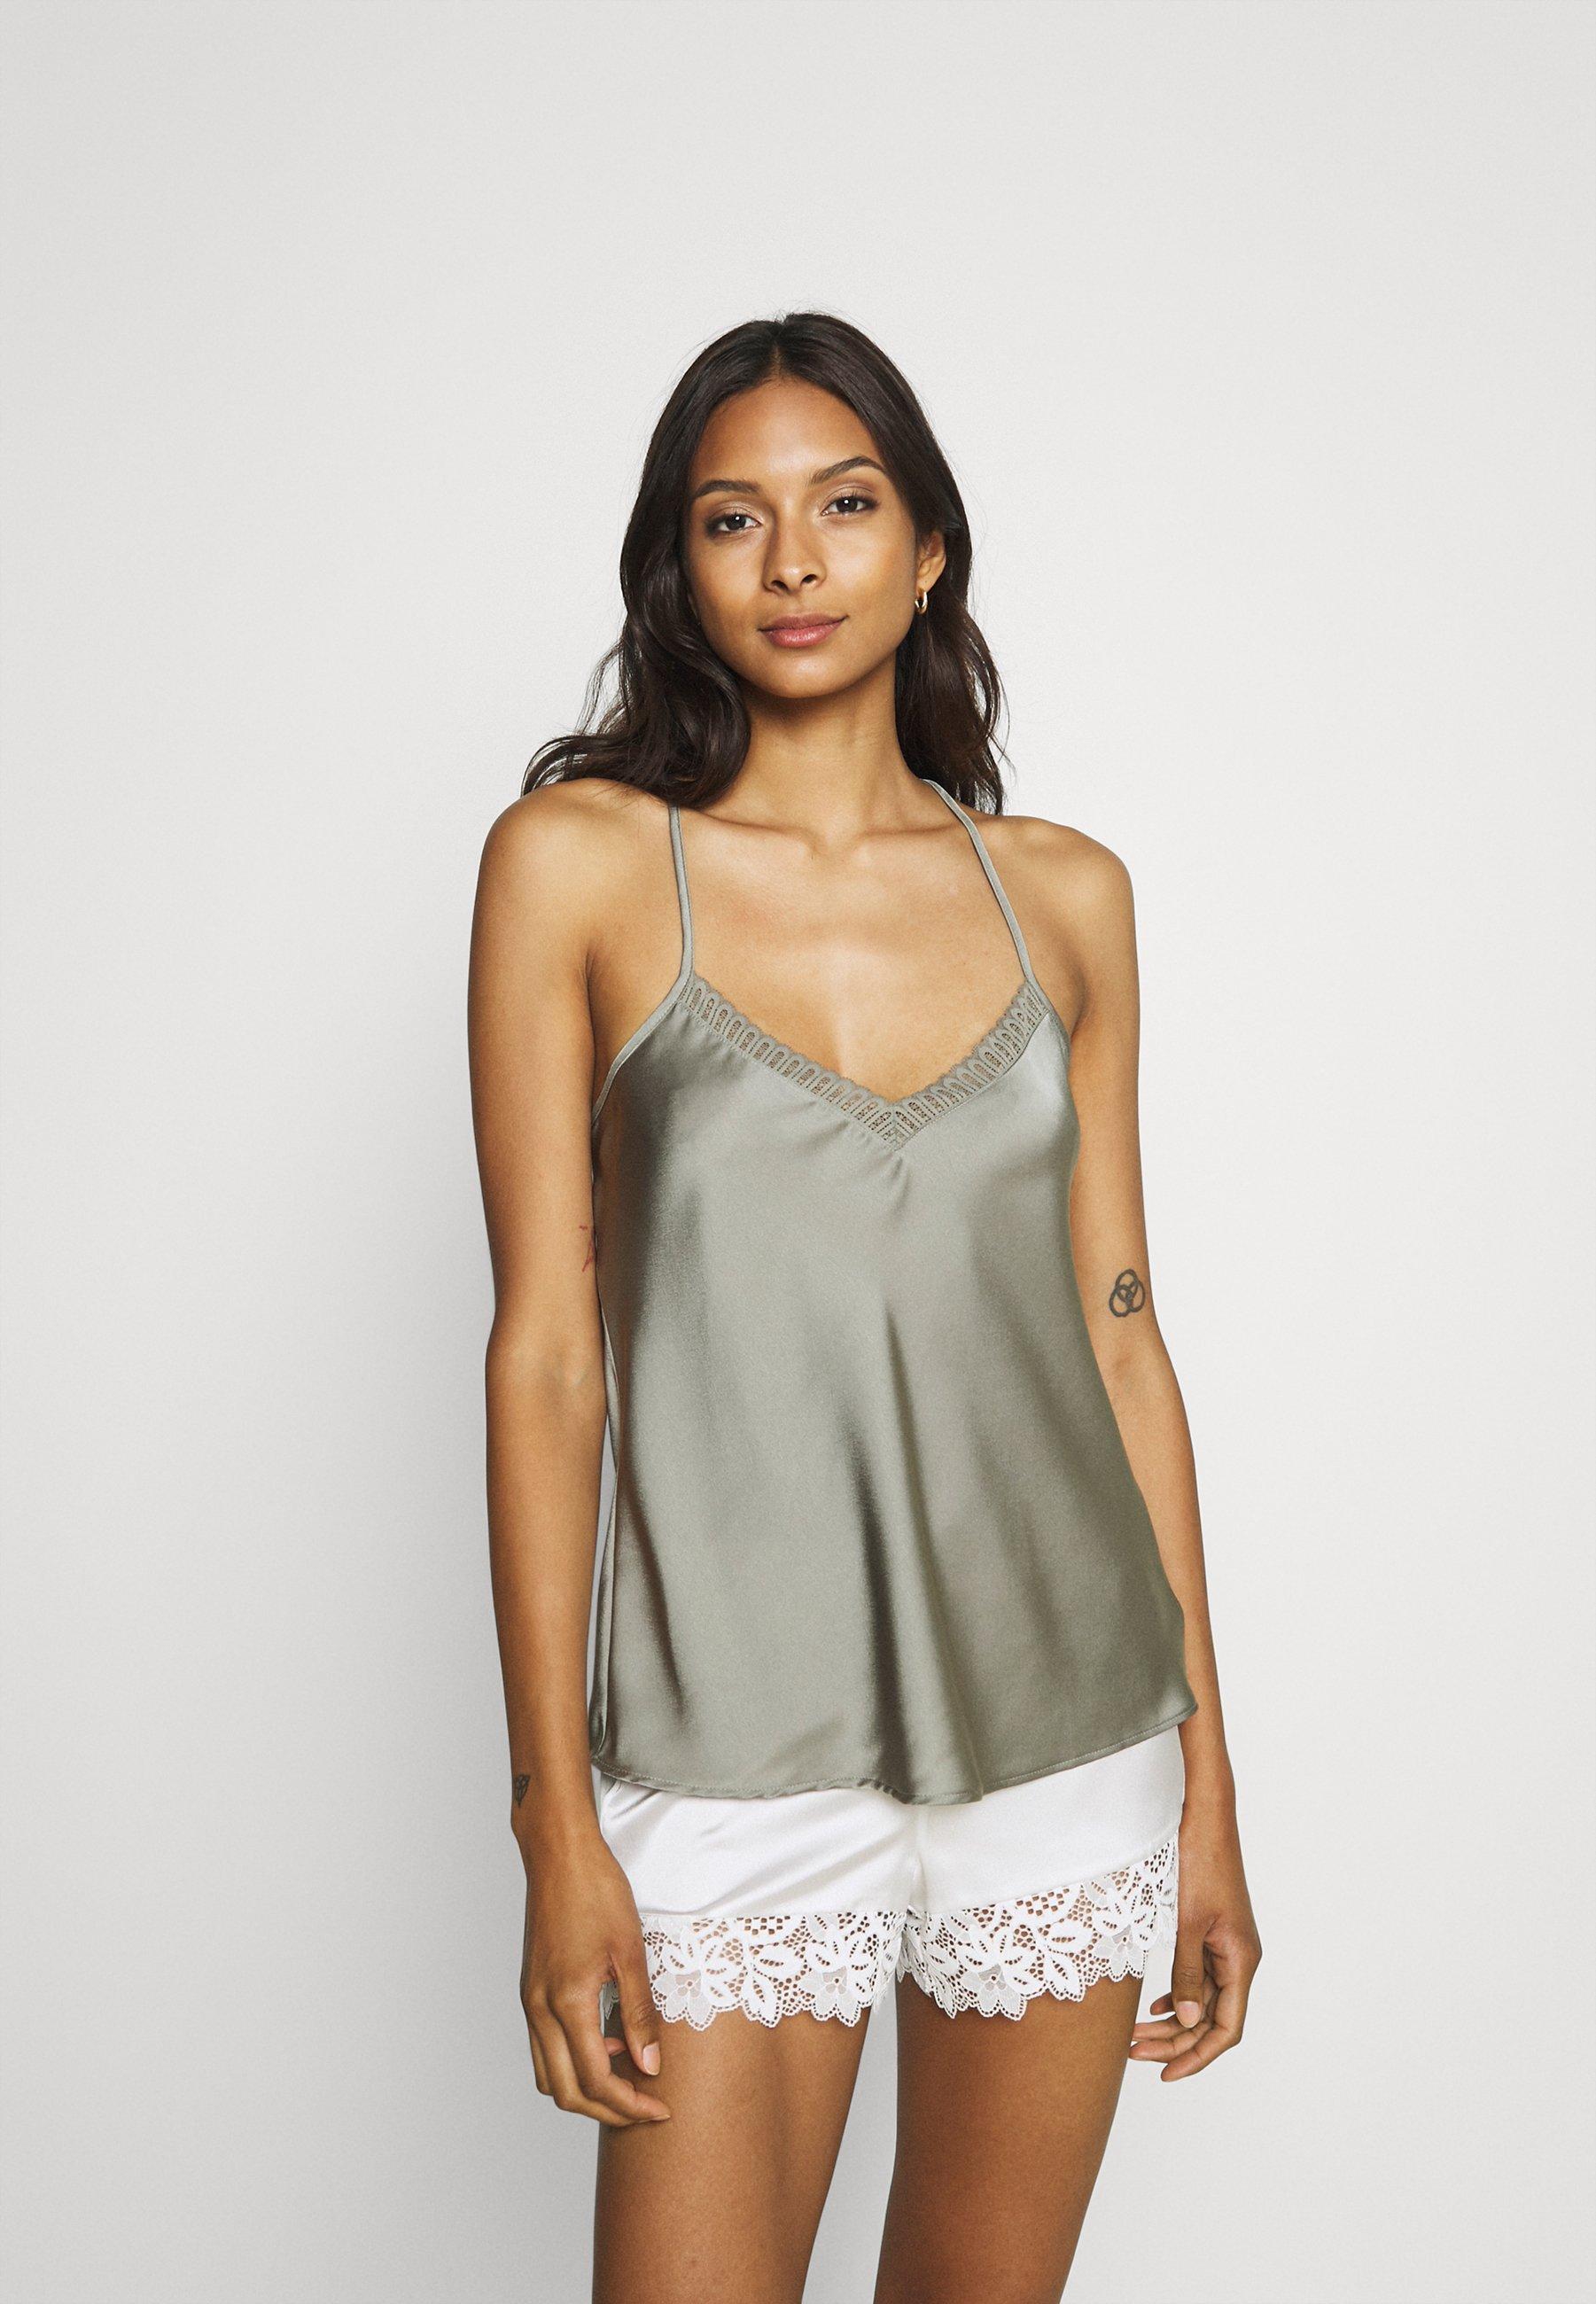 Damen YOUNG - Nachtwäsche Shirt